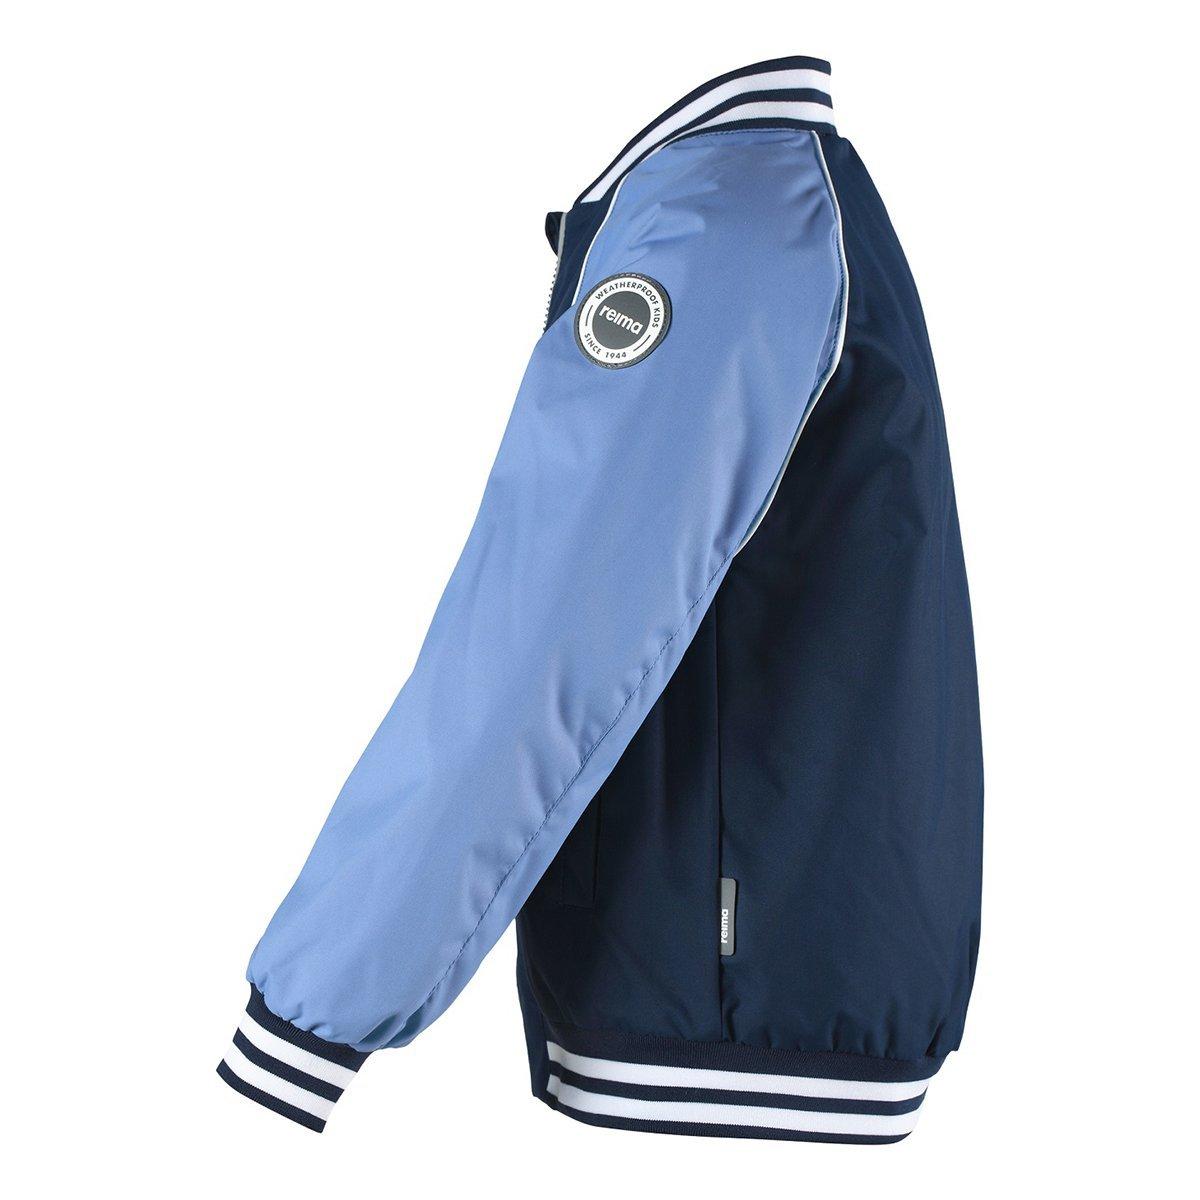 Купить Верхняя одежда, Куртка Reima Aarre, р. 122 531385R-6980 ТМ: REIMA, синий